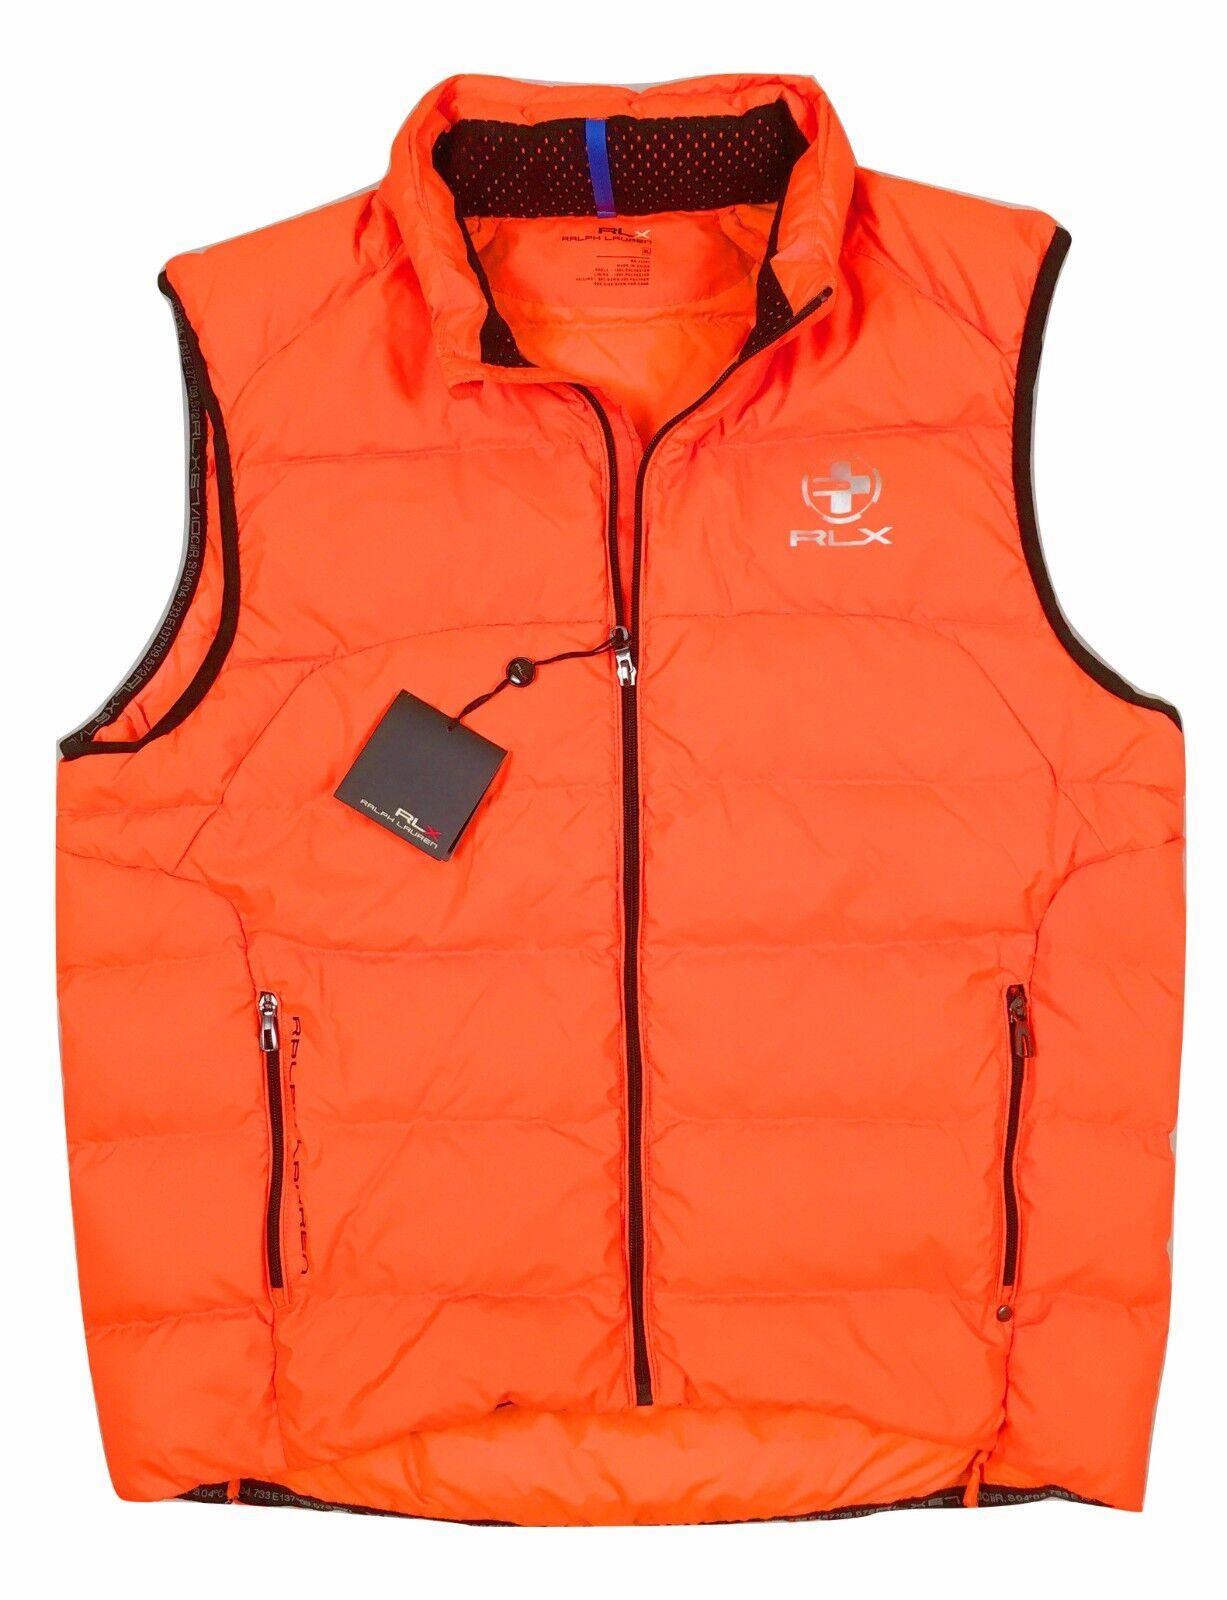 NEW 185 Ralph Lauren RLX Puffer Down Vest    Bright Grün or Bright Orange